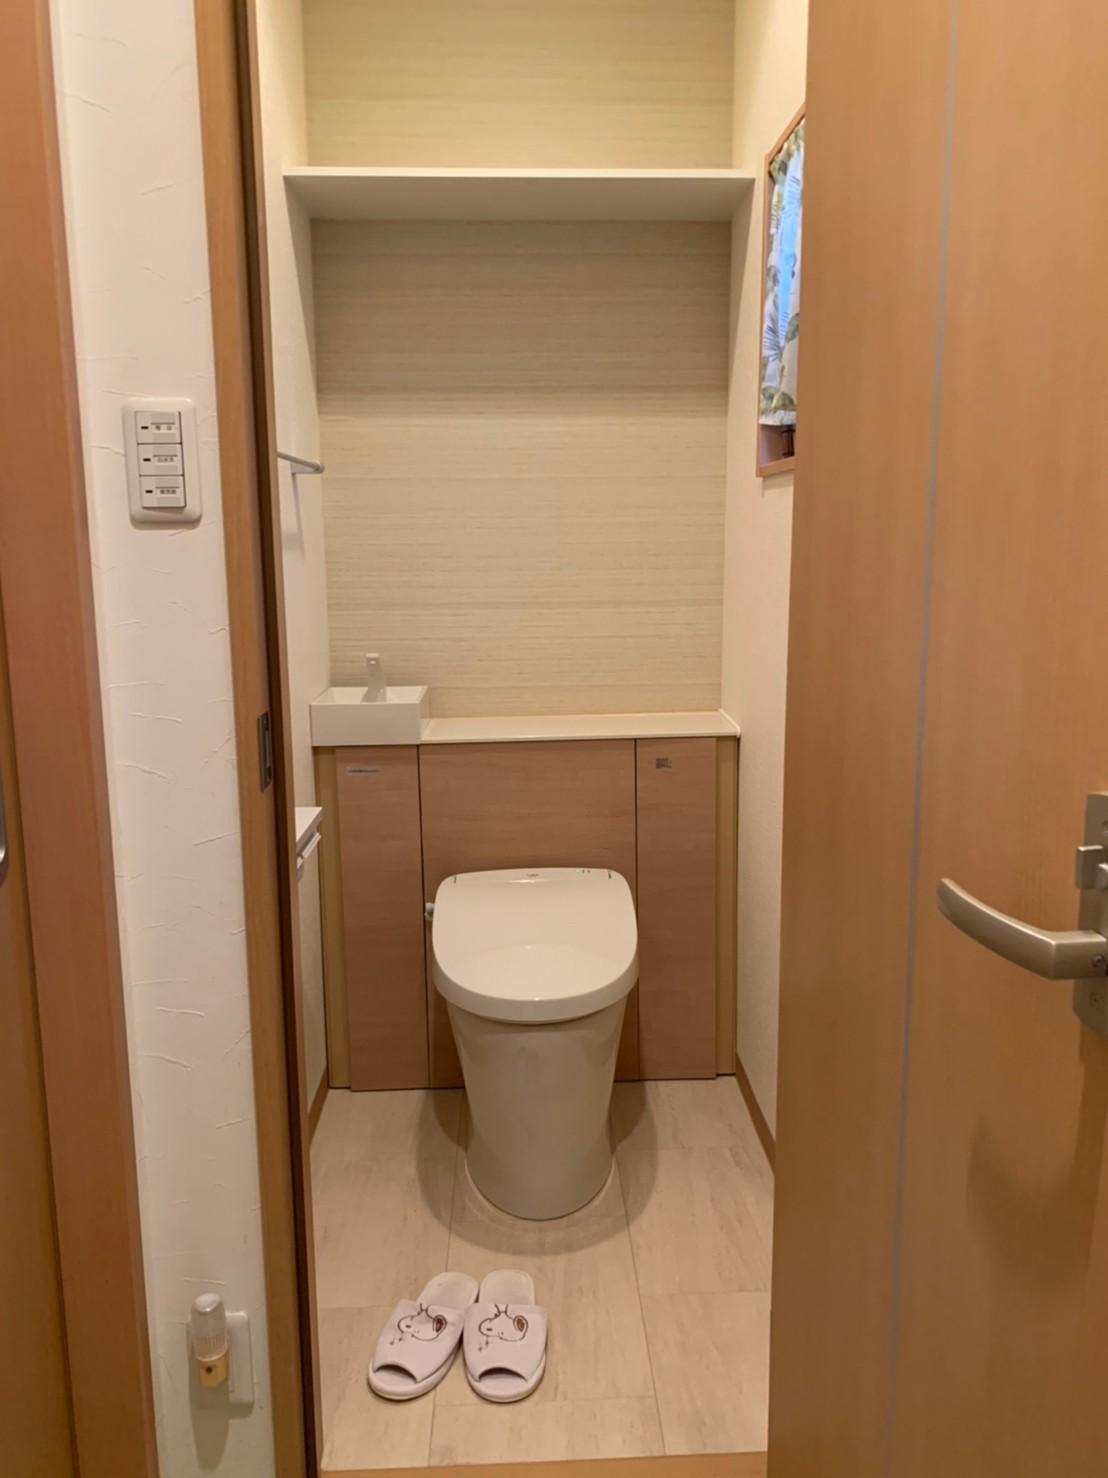 「まいりほ」1番人気のトイレ キャビネット付LIXILリフォレ